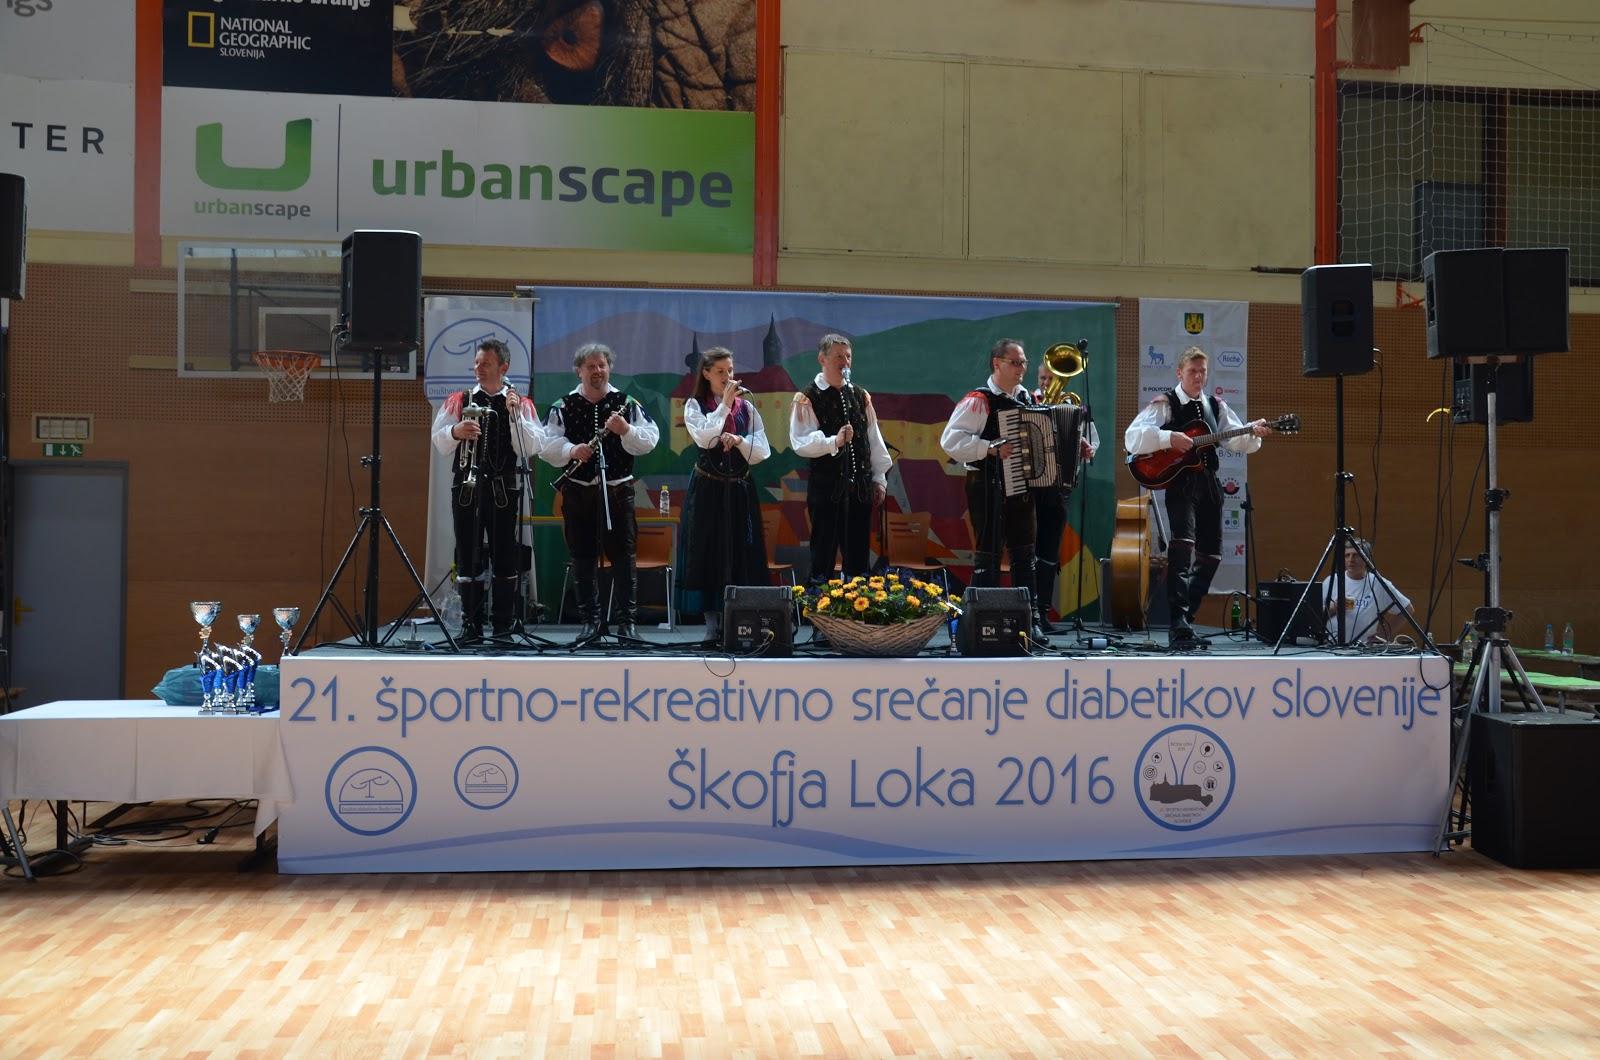 21. športno srečanje diabetikov Slovenije - DSC_1150.JPG